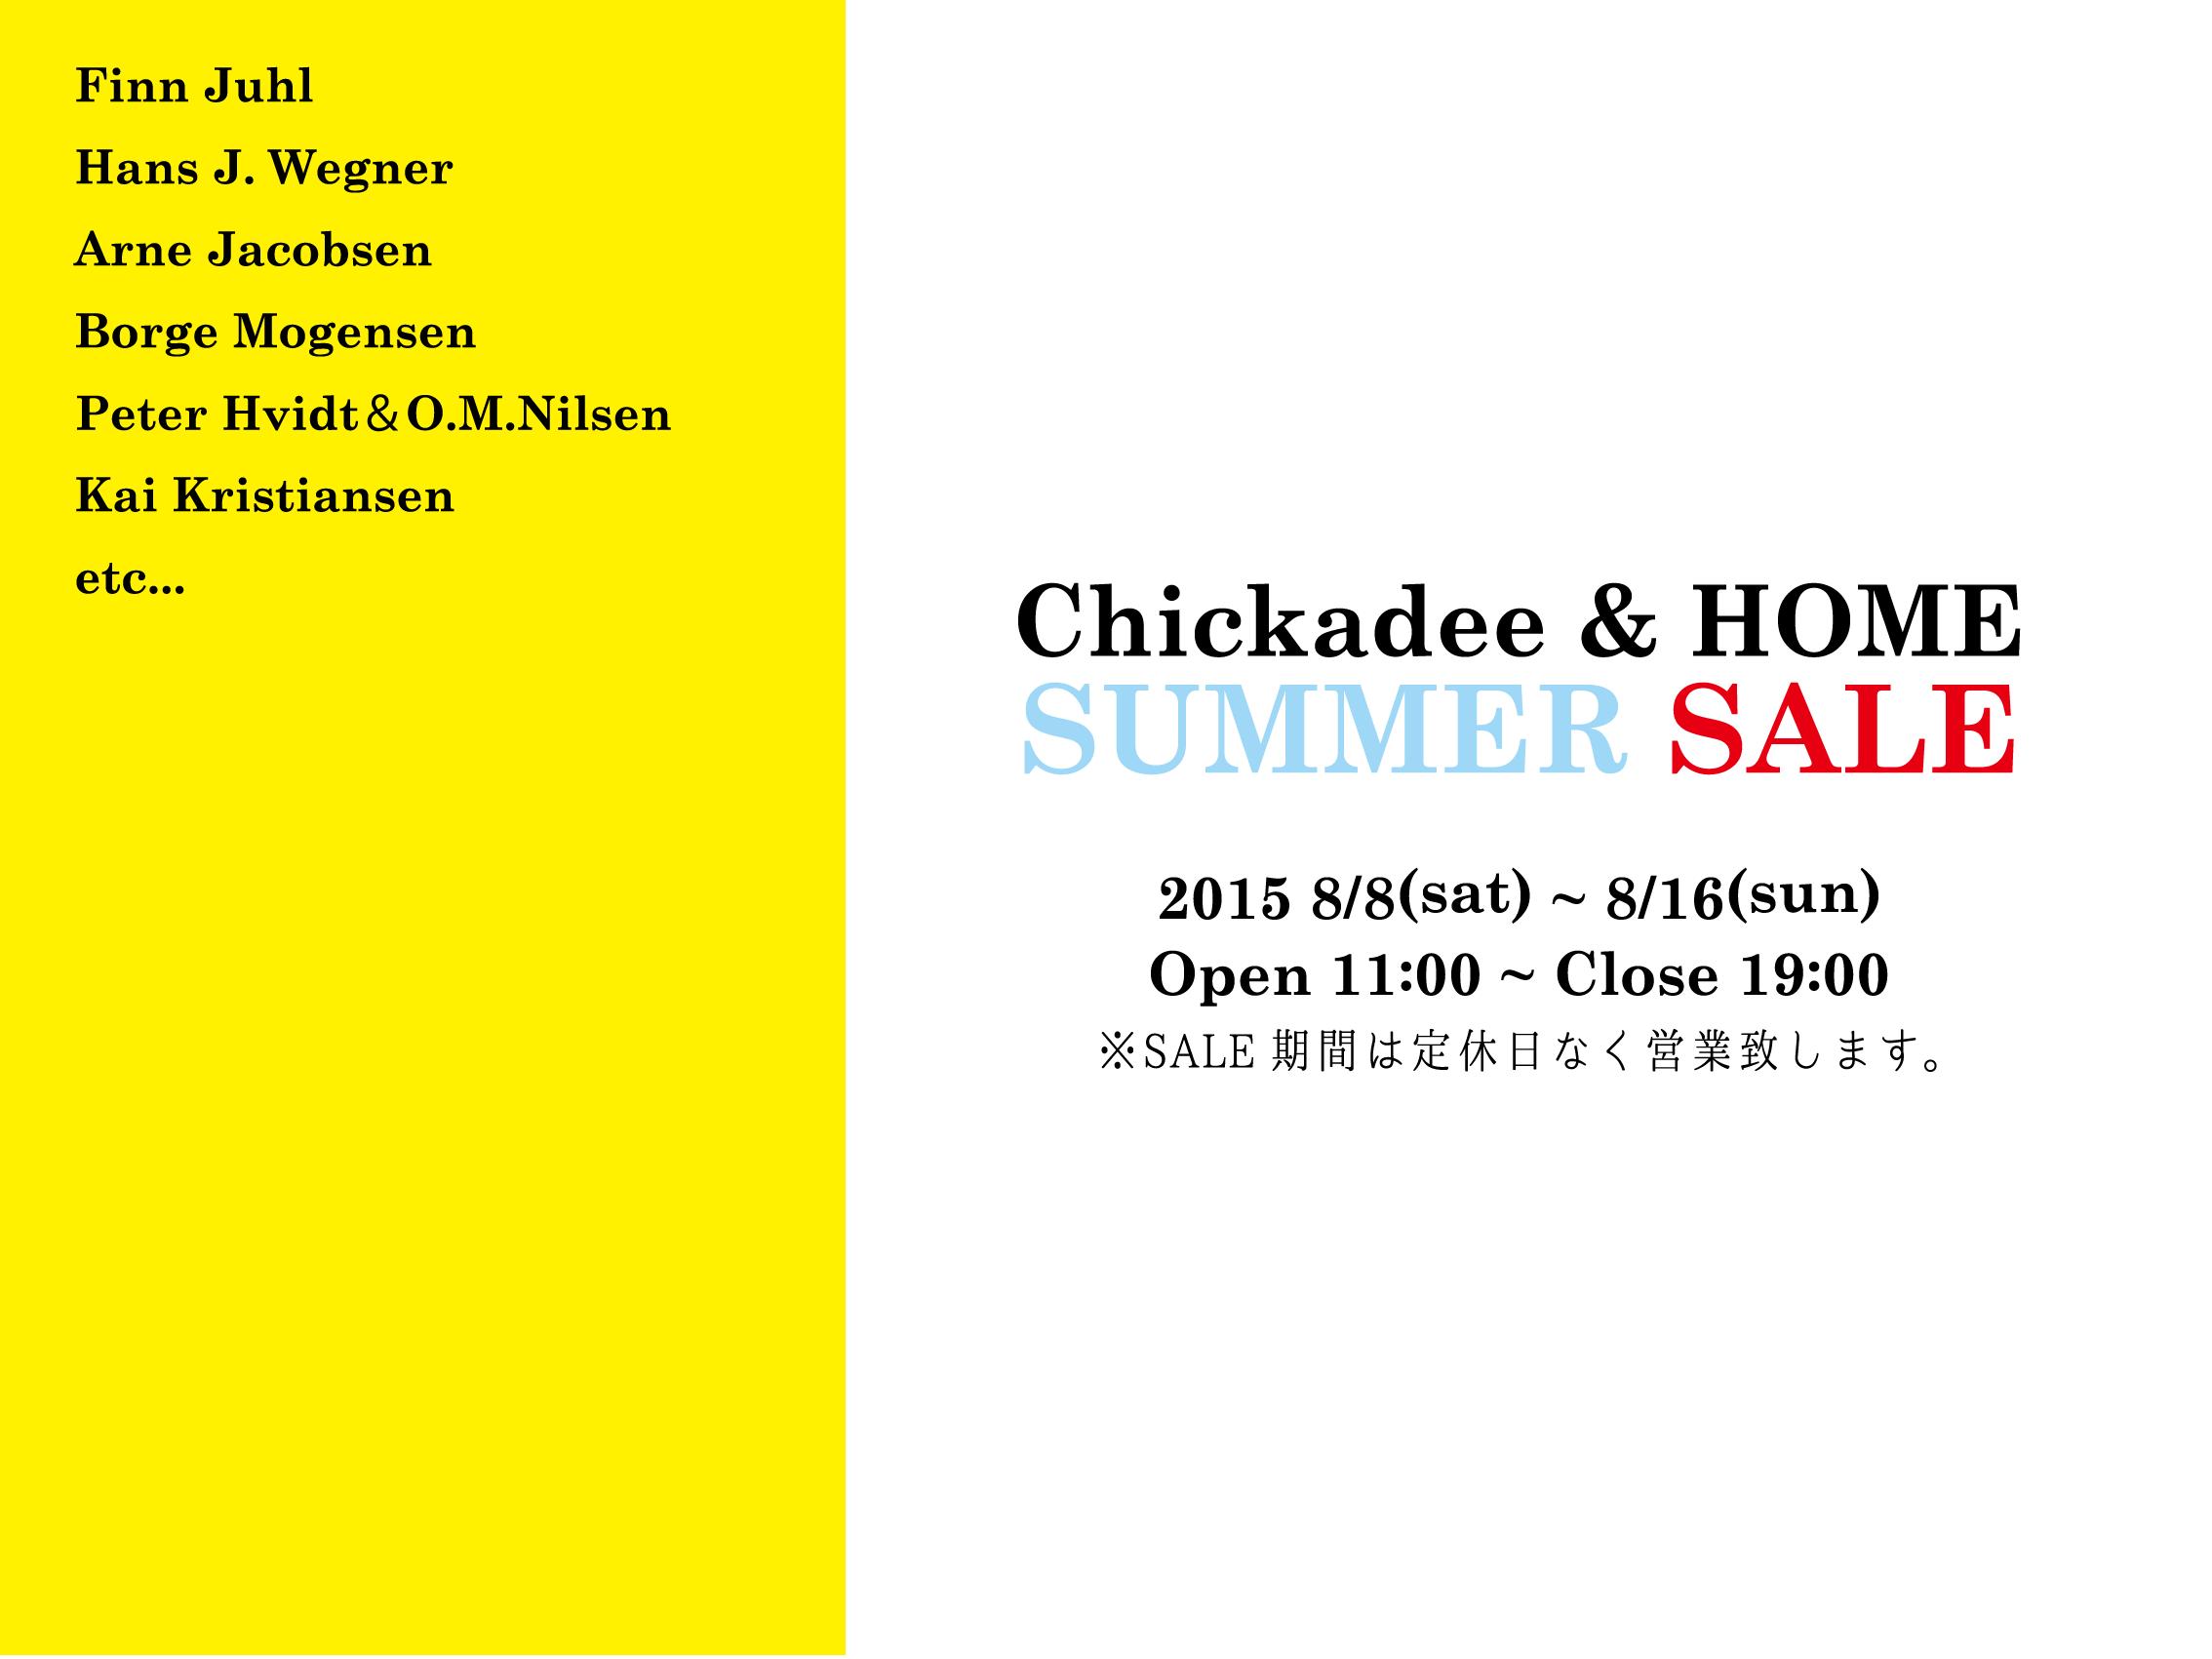 SALE 広告 のコピー